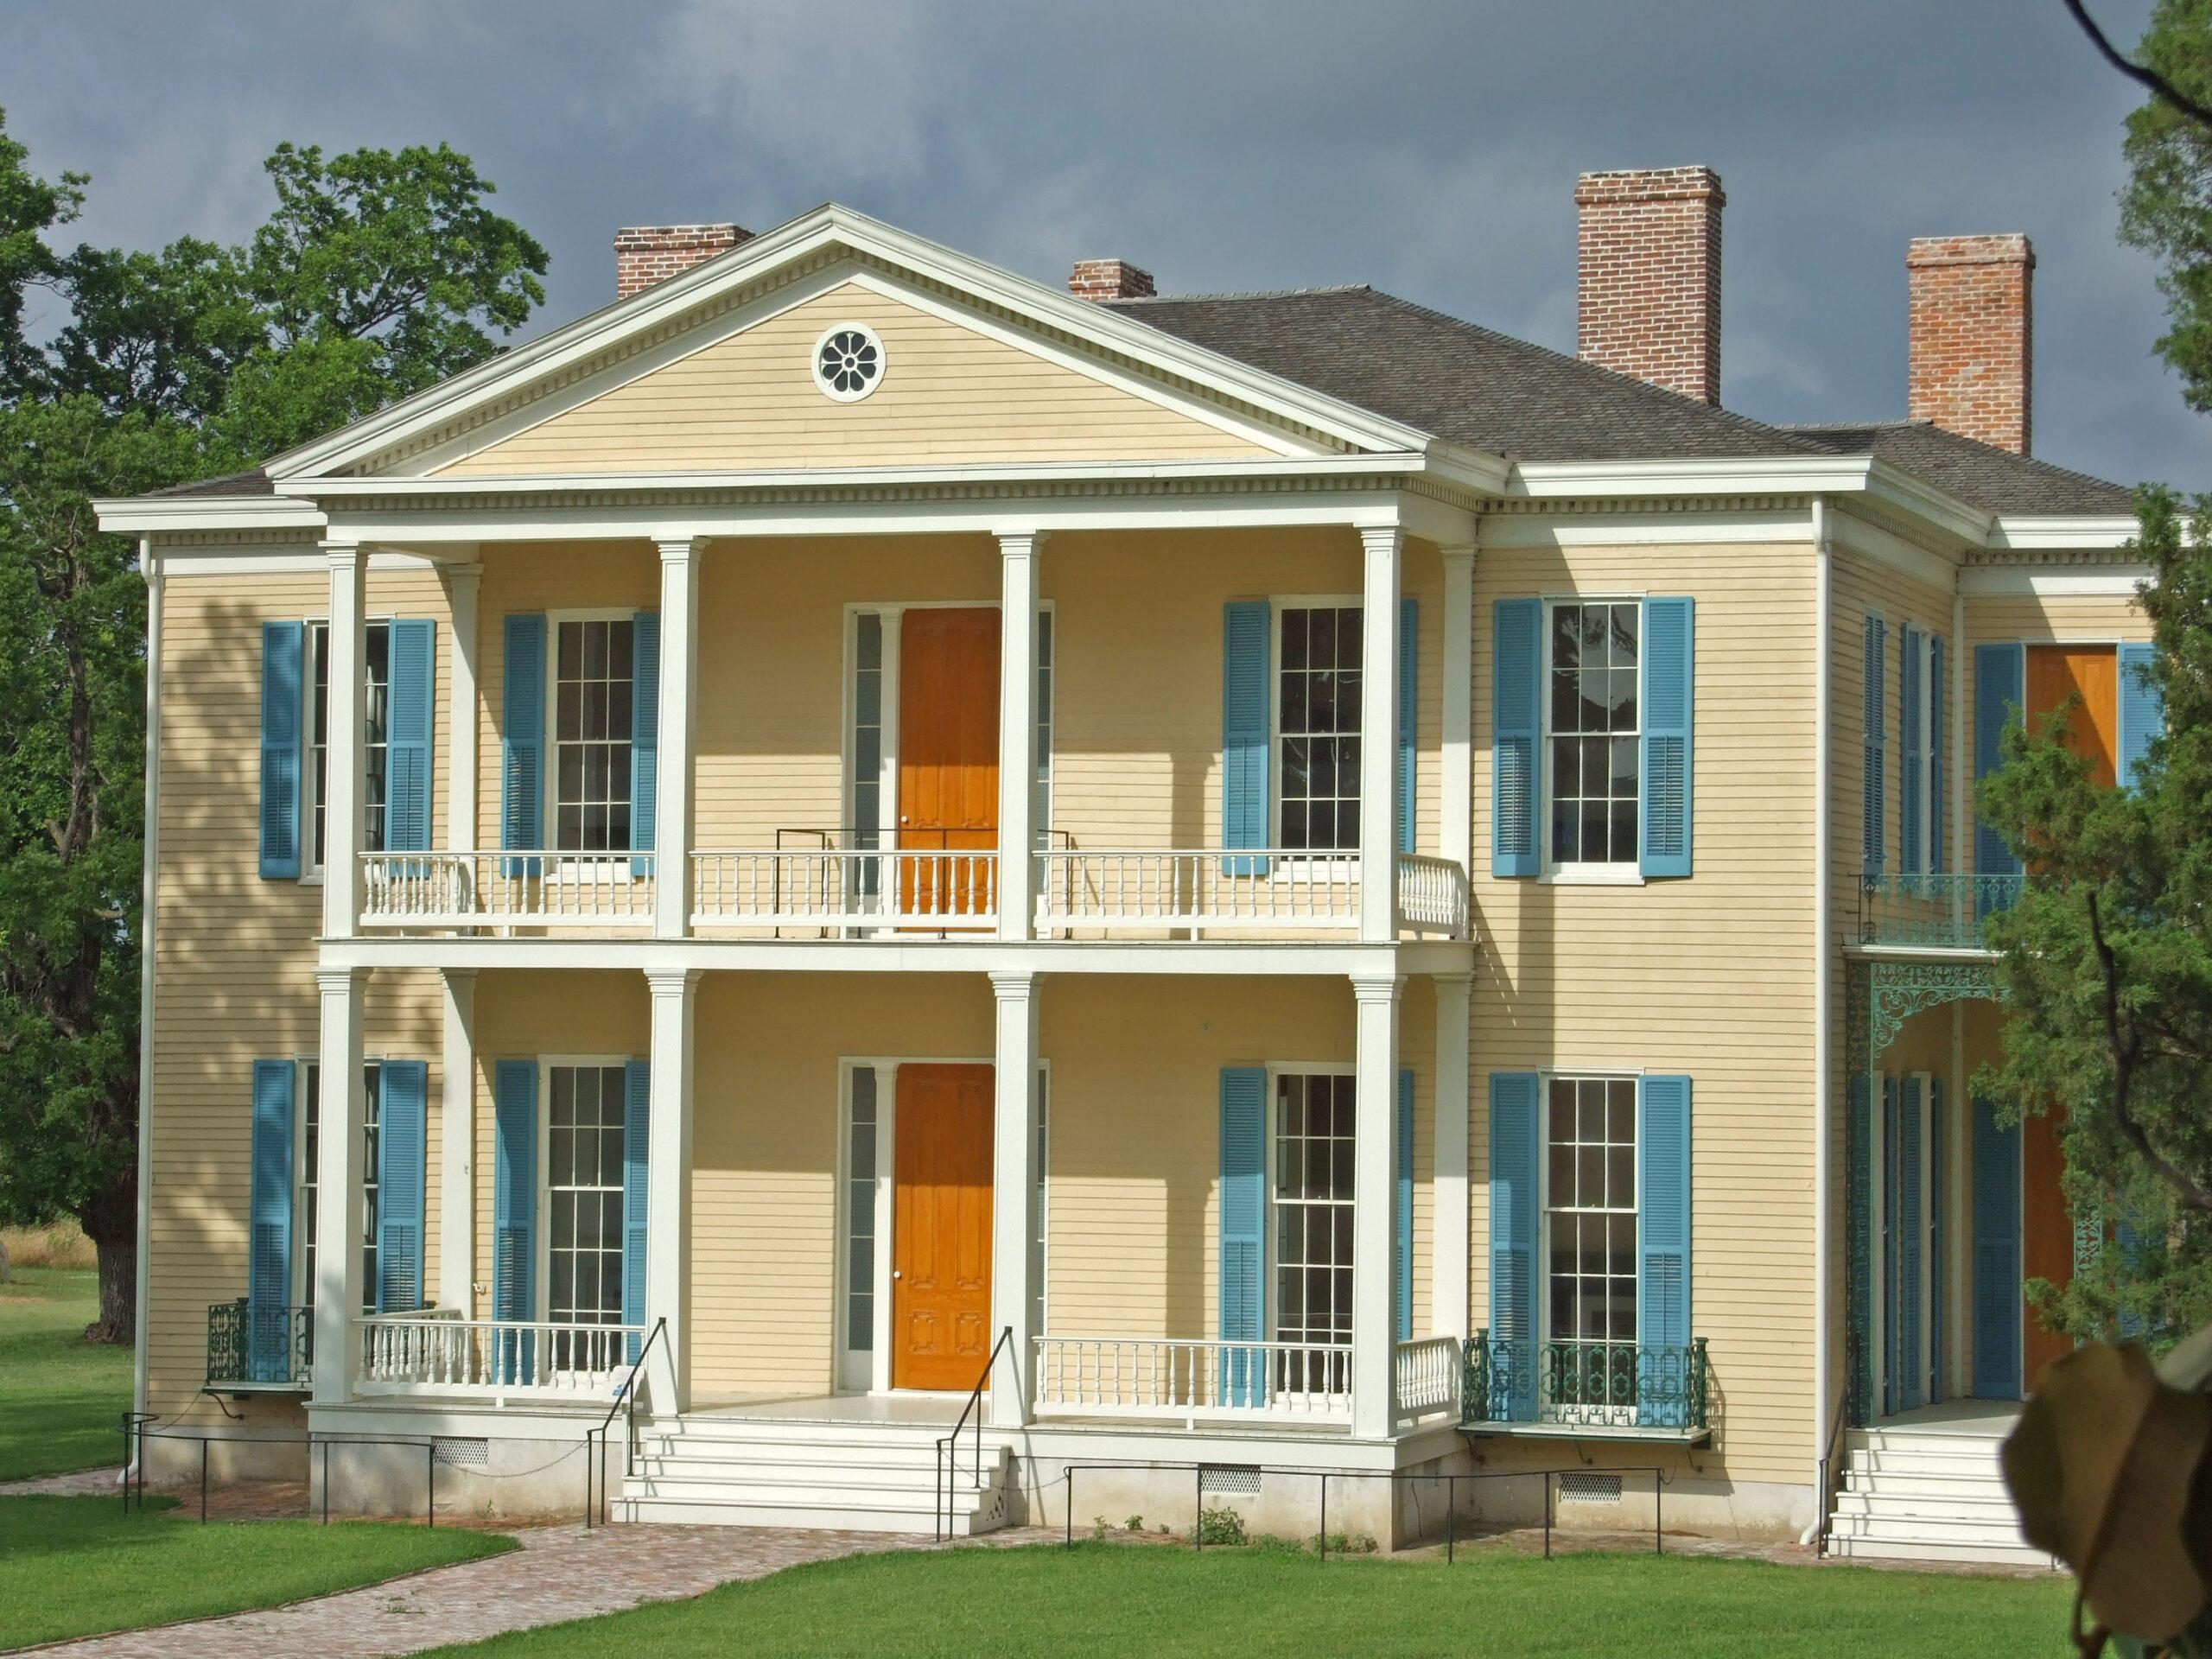 Lakeport Plantation House